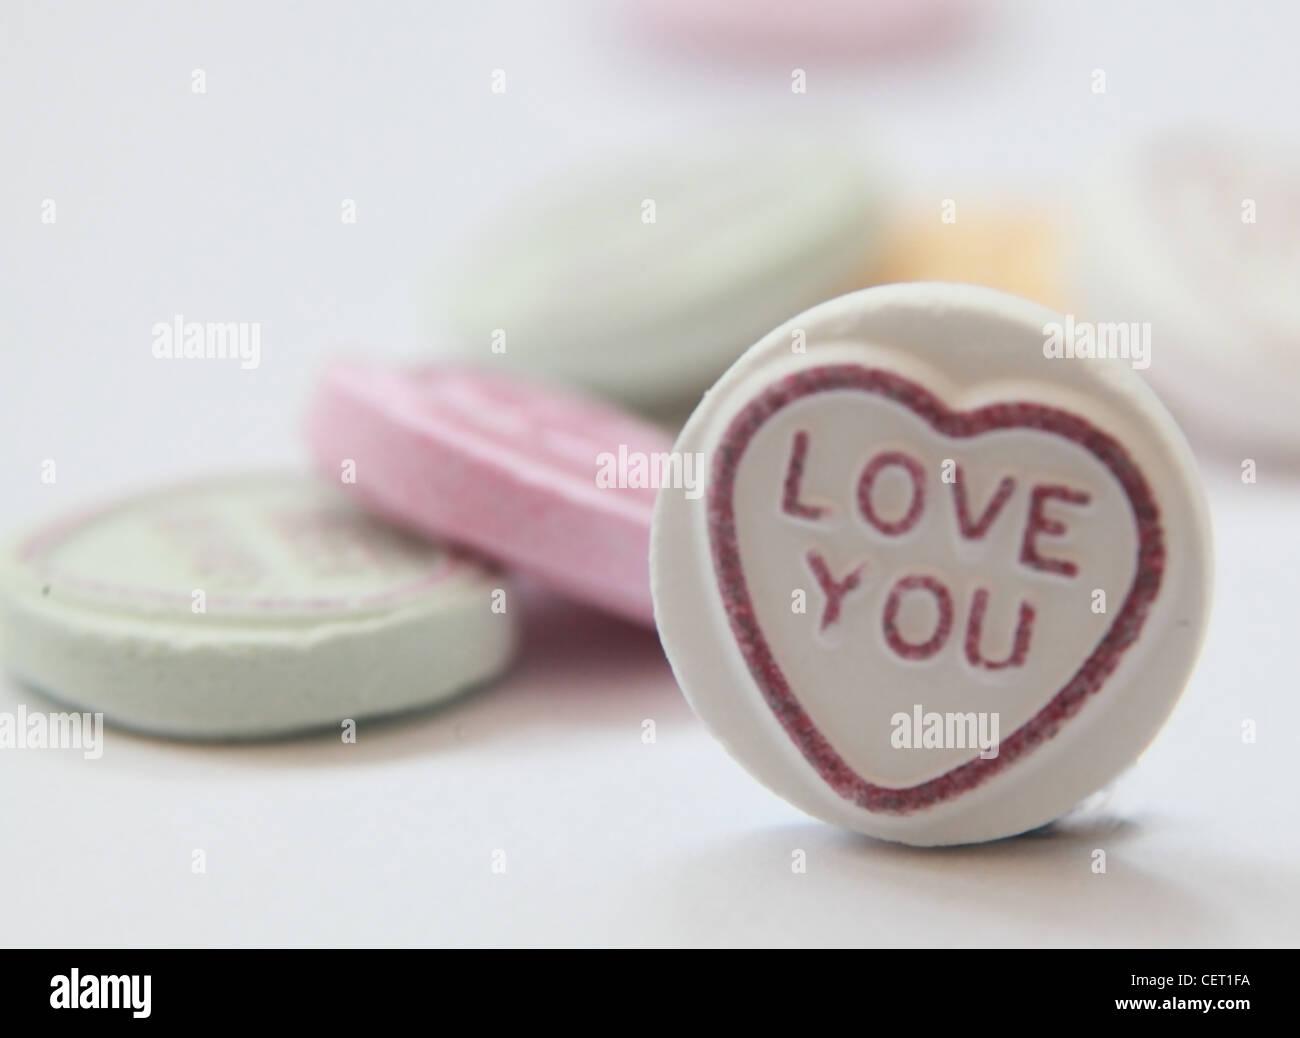 Laden Sie dieses Alamy Stockfoto Liebe Herzen, ich liebe Sie Focus Valentinstag Bild flach - CET1FA